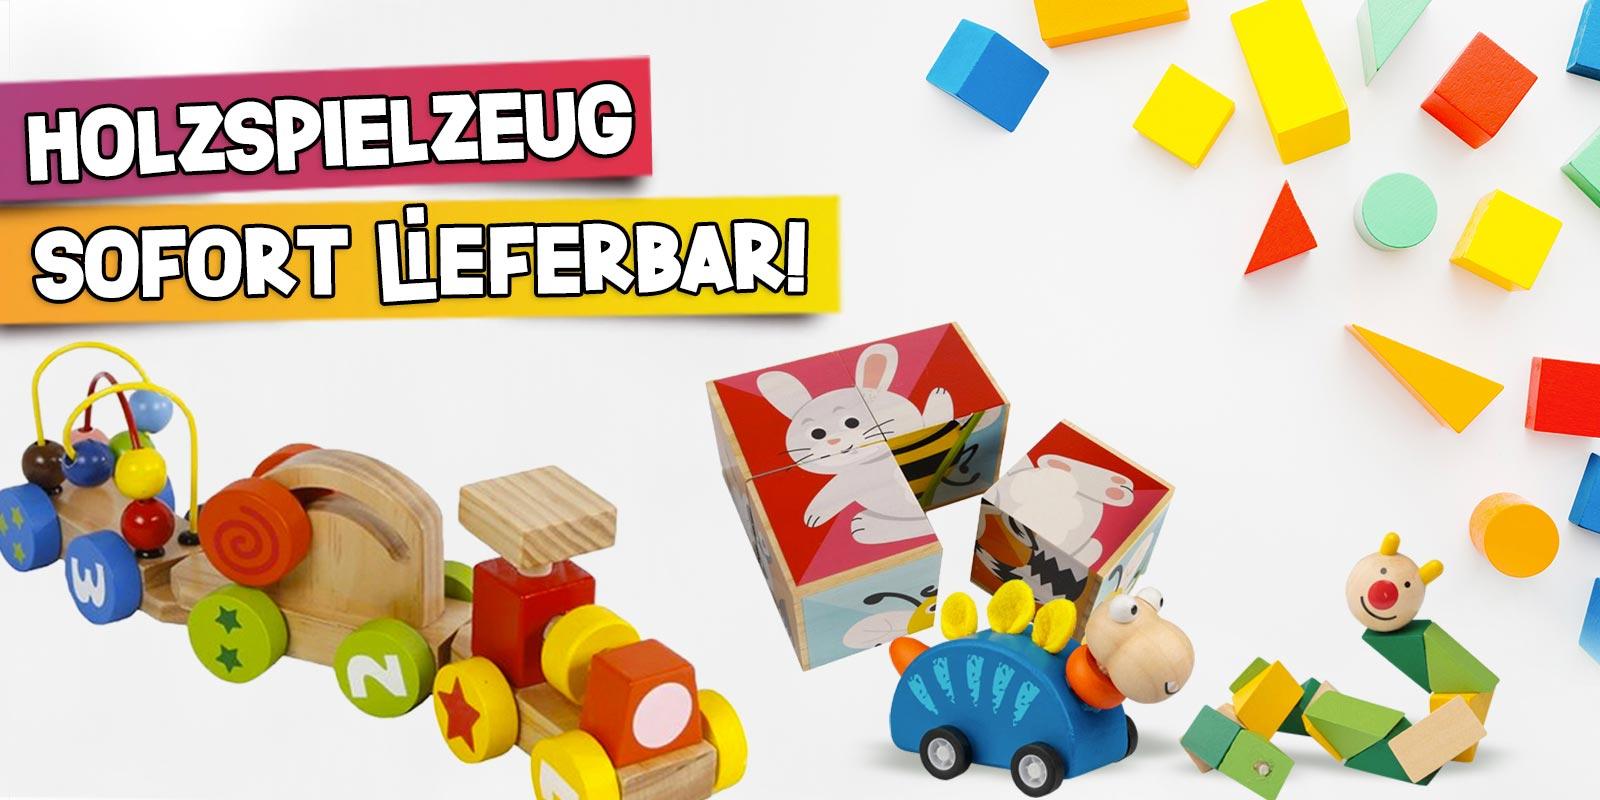 Holzspielzeug Deutschland